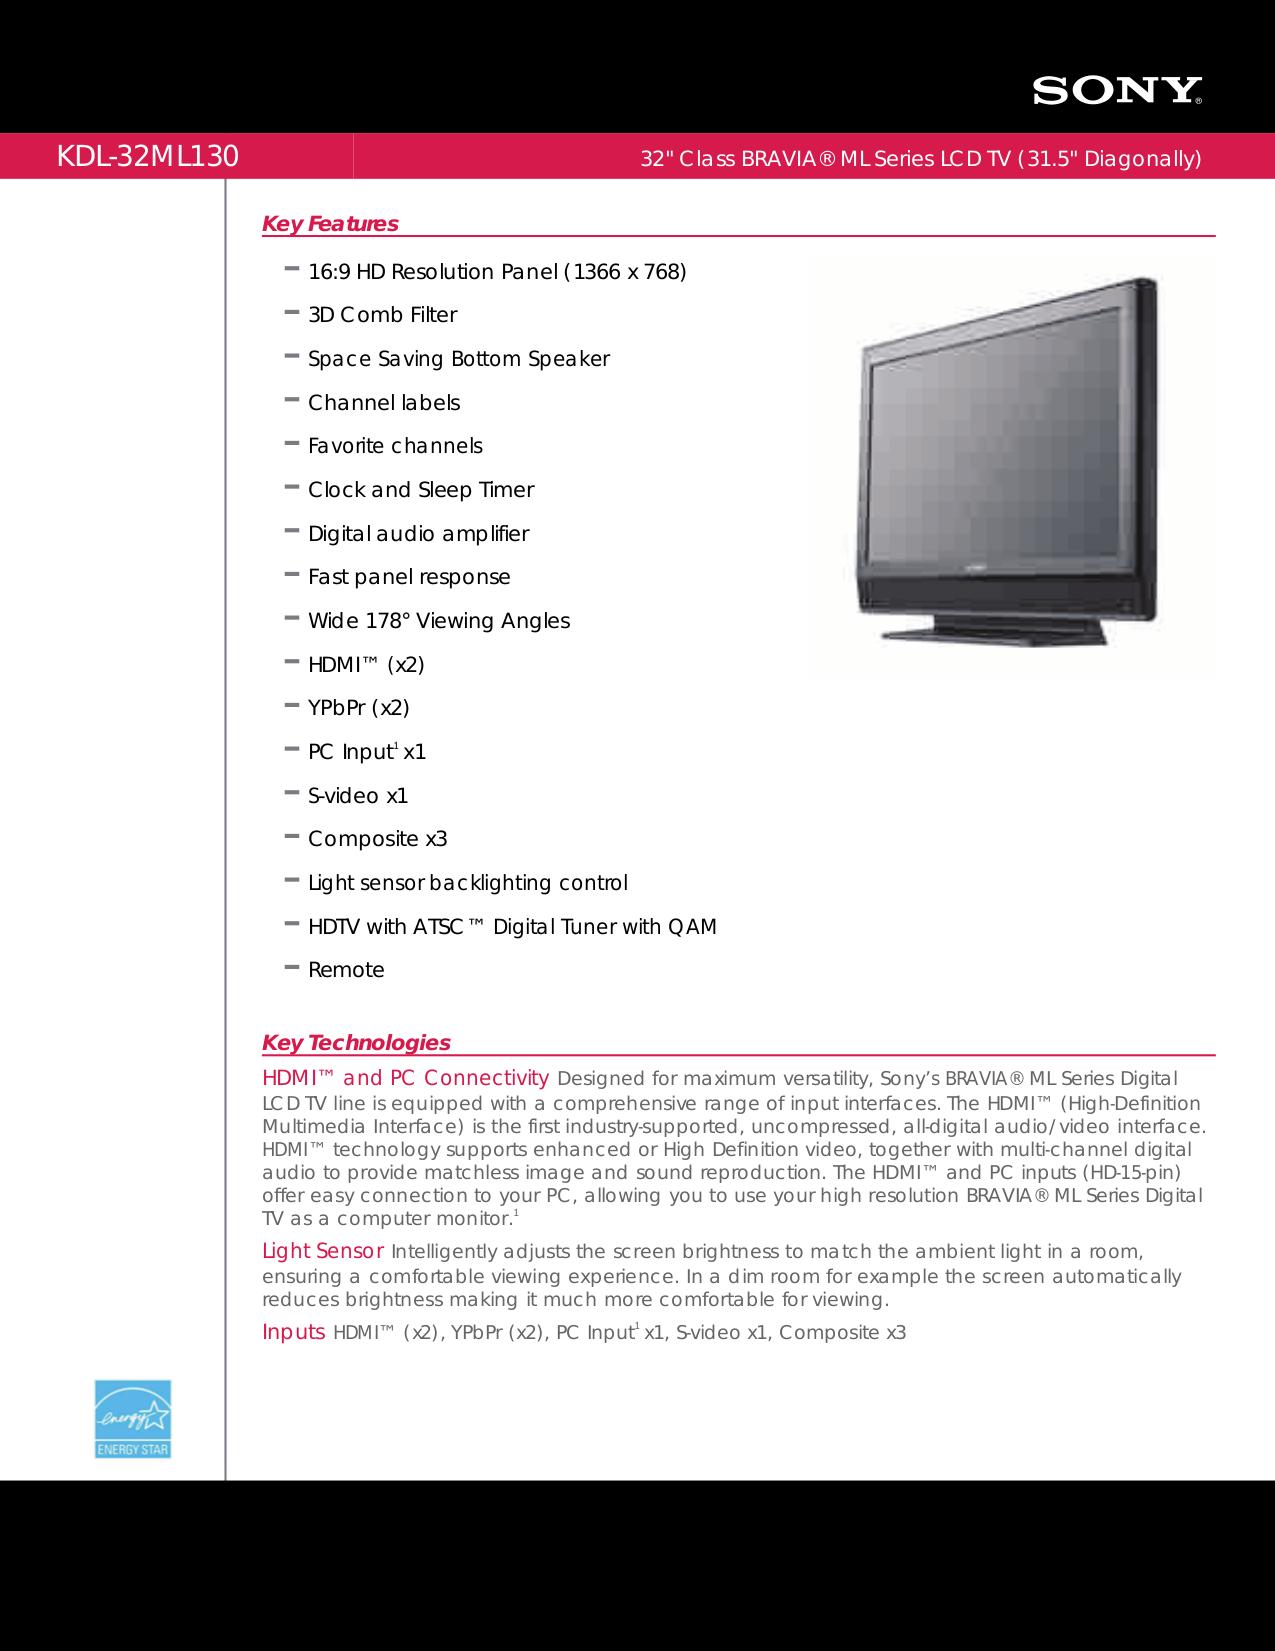 pdf for Sony TV BRAVIA KDL-32ML130 manual